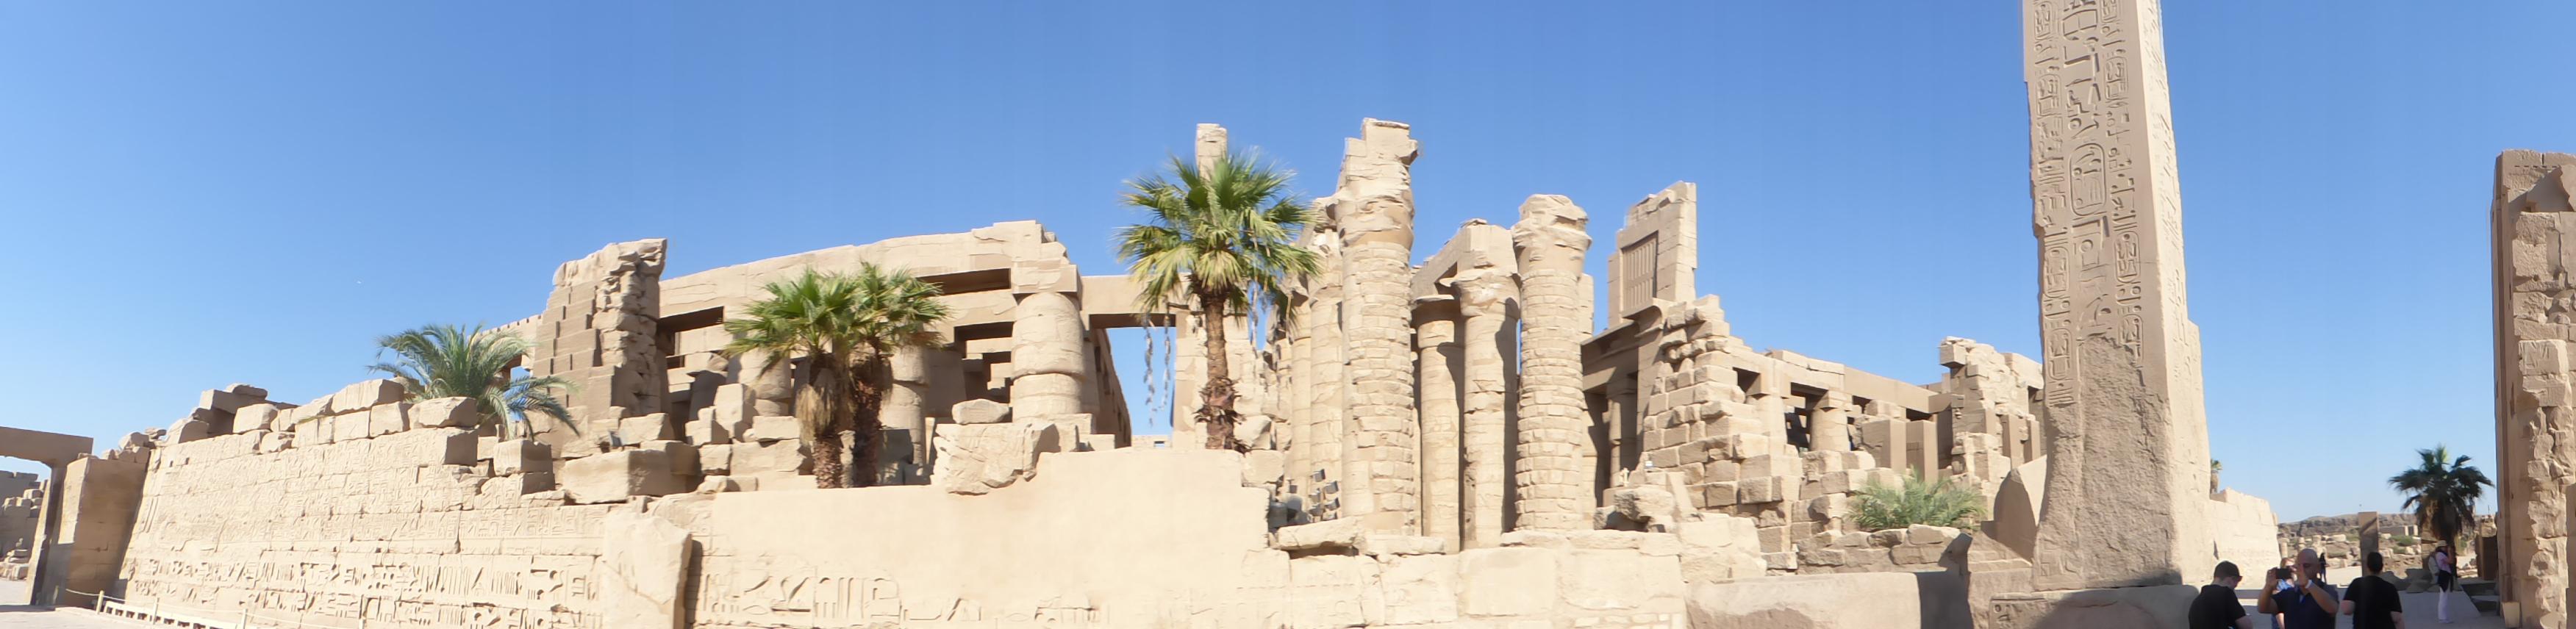 Der berühmte Tempel von Luxor: Foto: D.Weirauch